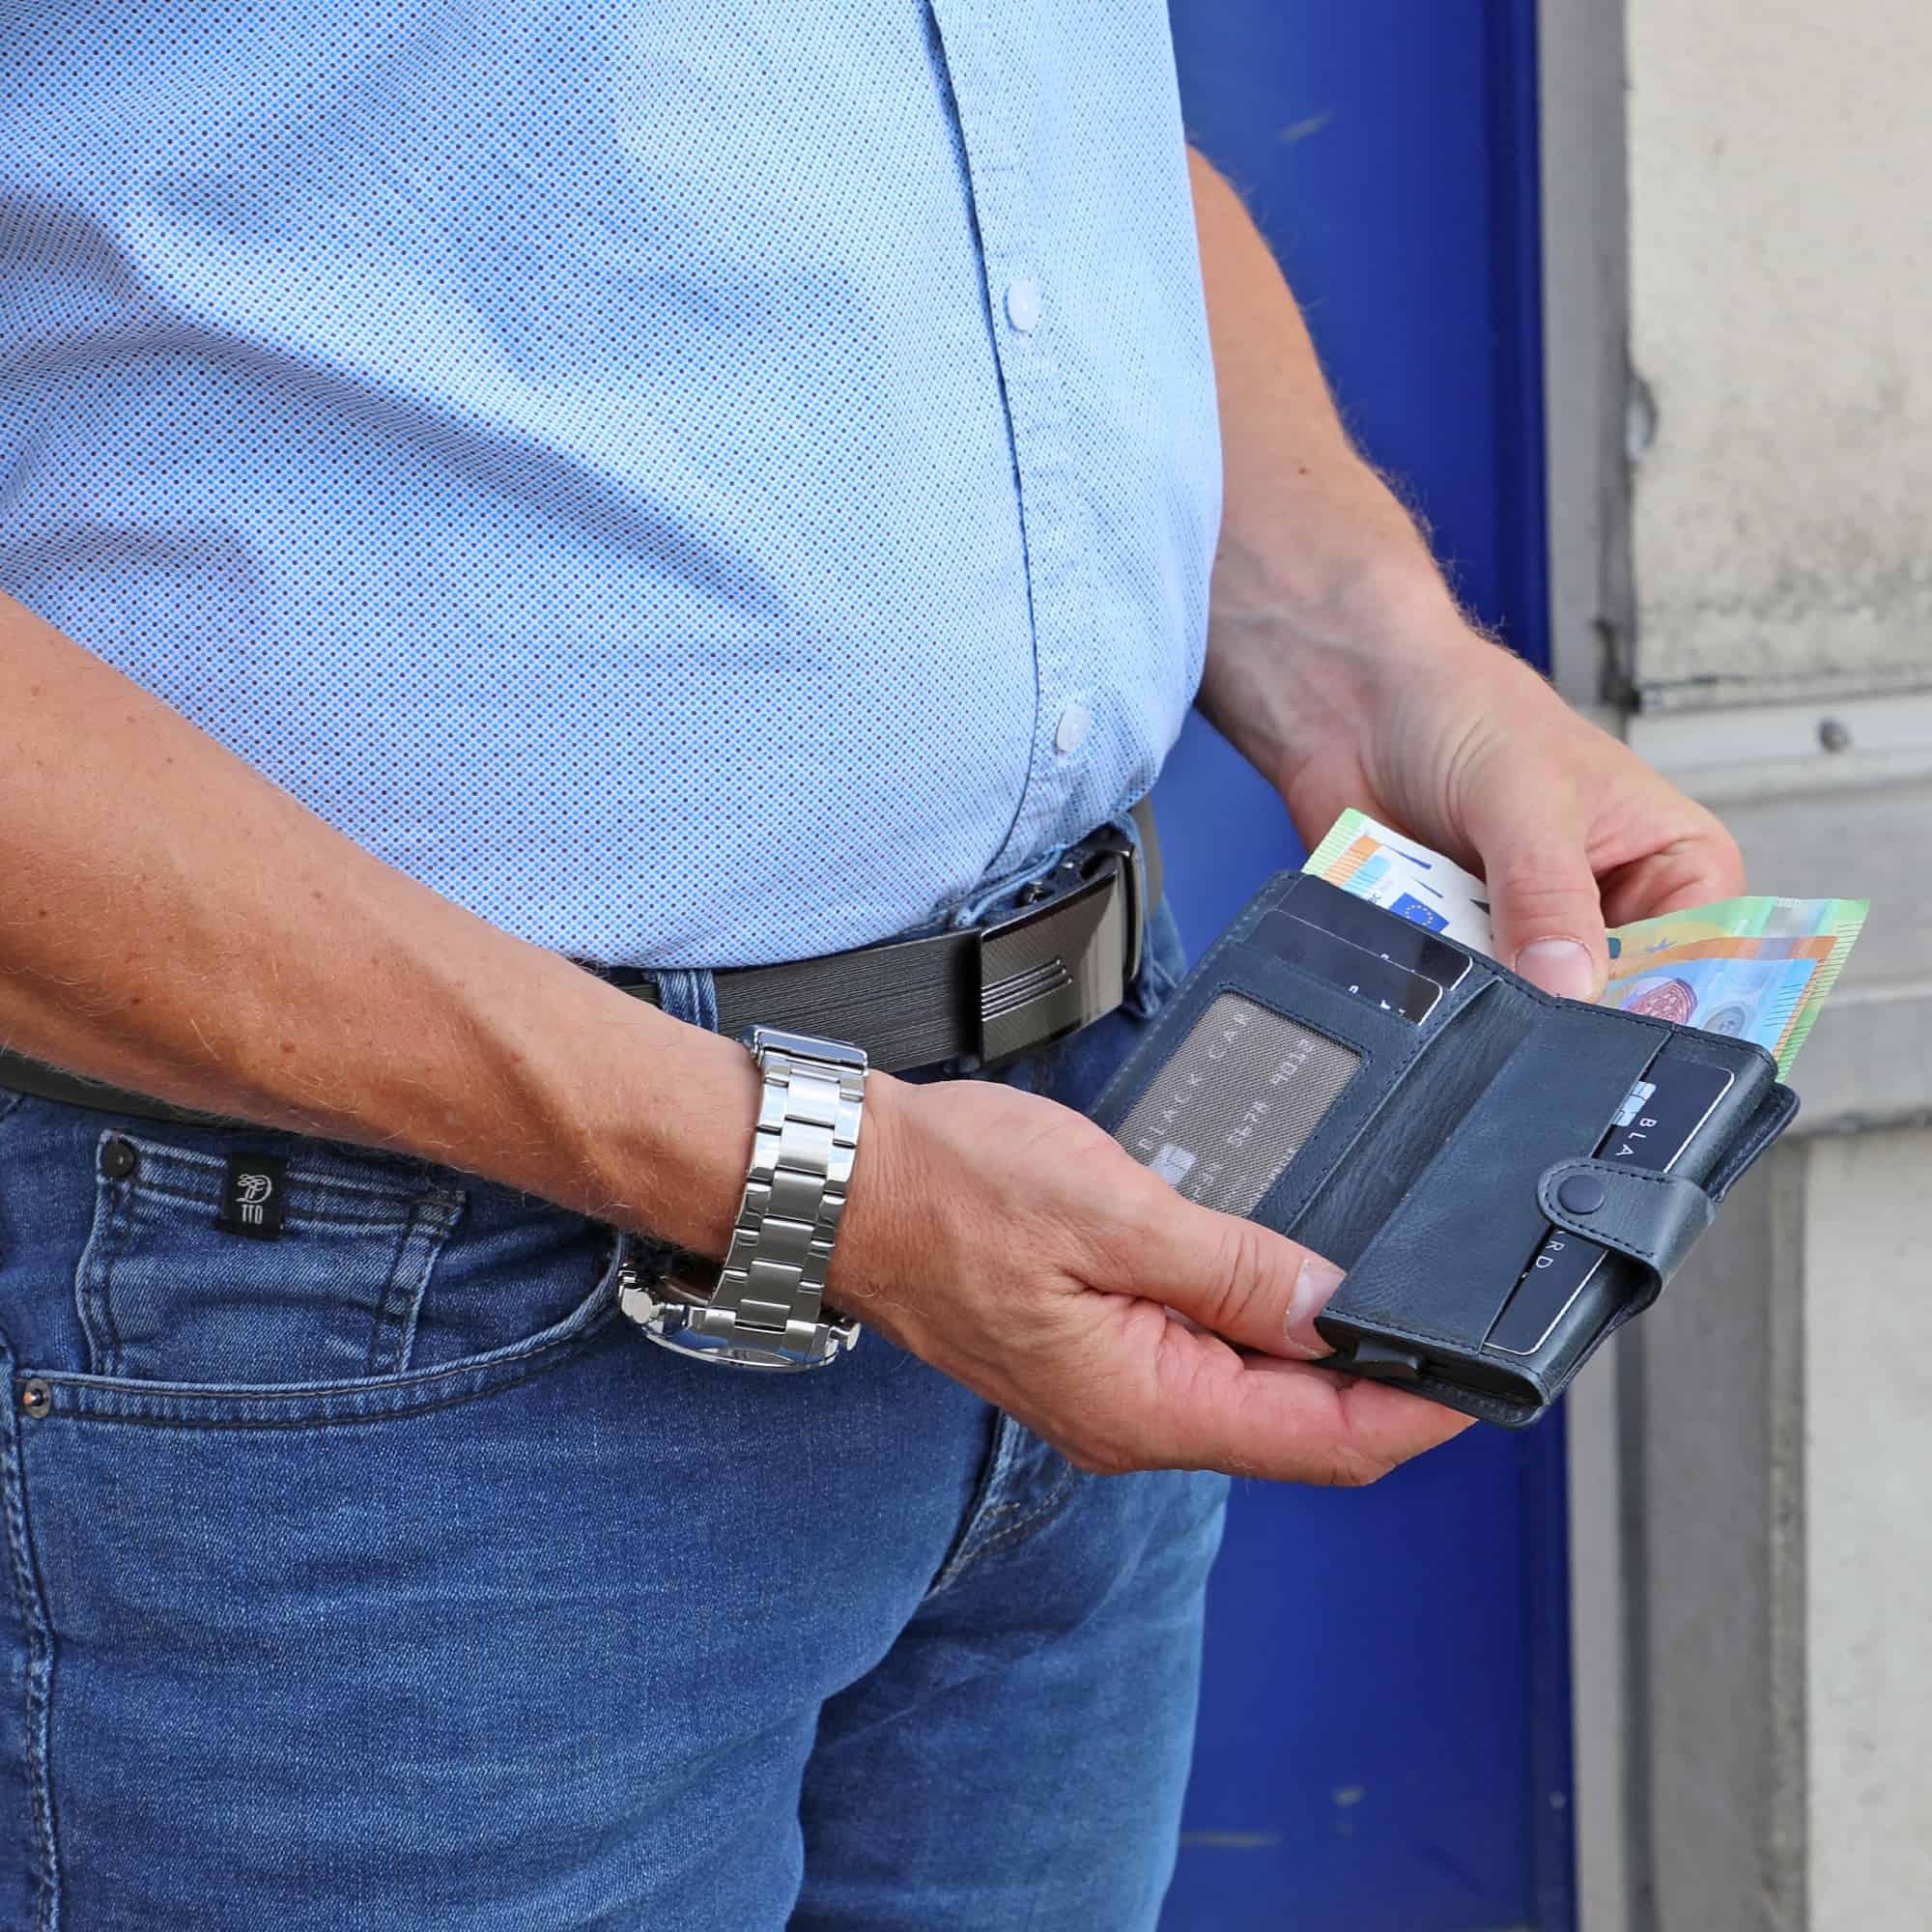 Solo Pelle Leder Geldbörse Q-Wallet mit integriertem Kartenetui für 15 Karten + Geldscheine geeignet | Kreditkartenetui mit RFID (Vintage Blau + abnehmbares Kartenetui)